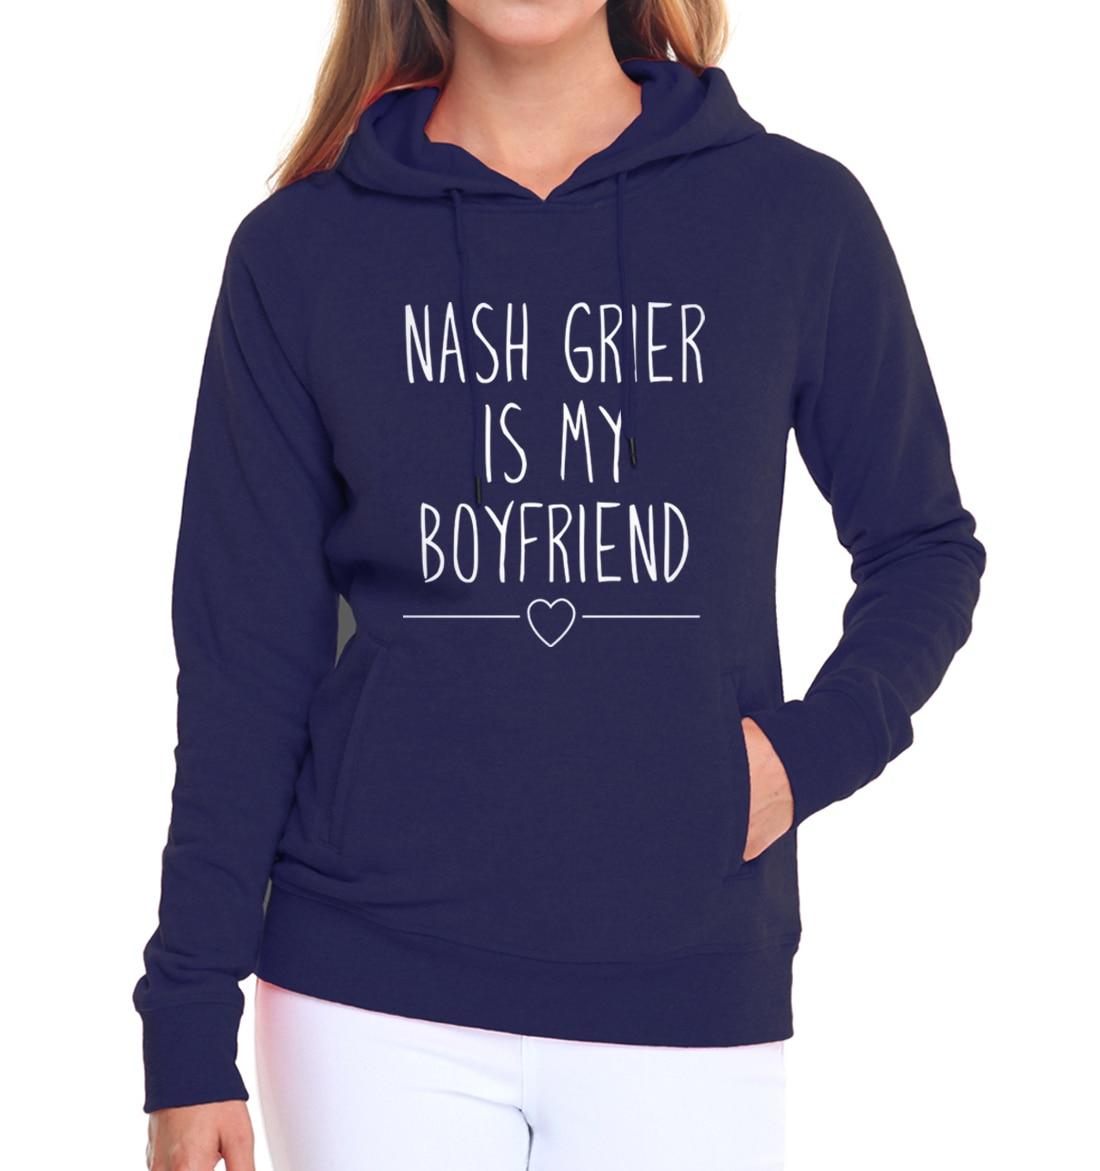 brand pink hoodies kpop hip-hop pullovers Nash Grier is my boyfriend fleece tracksuit women bodybuilding sweatshirts 2019 autumn